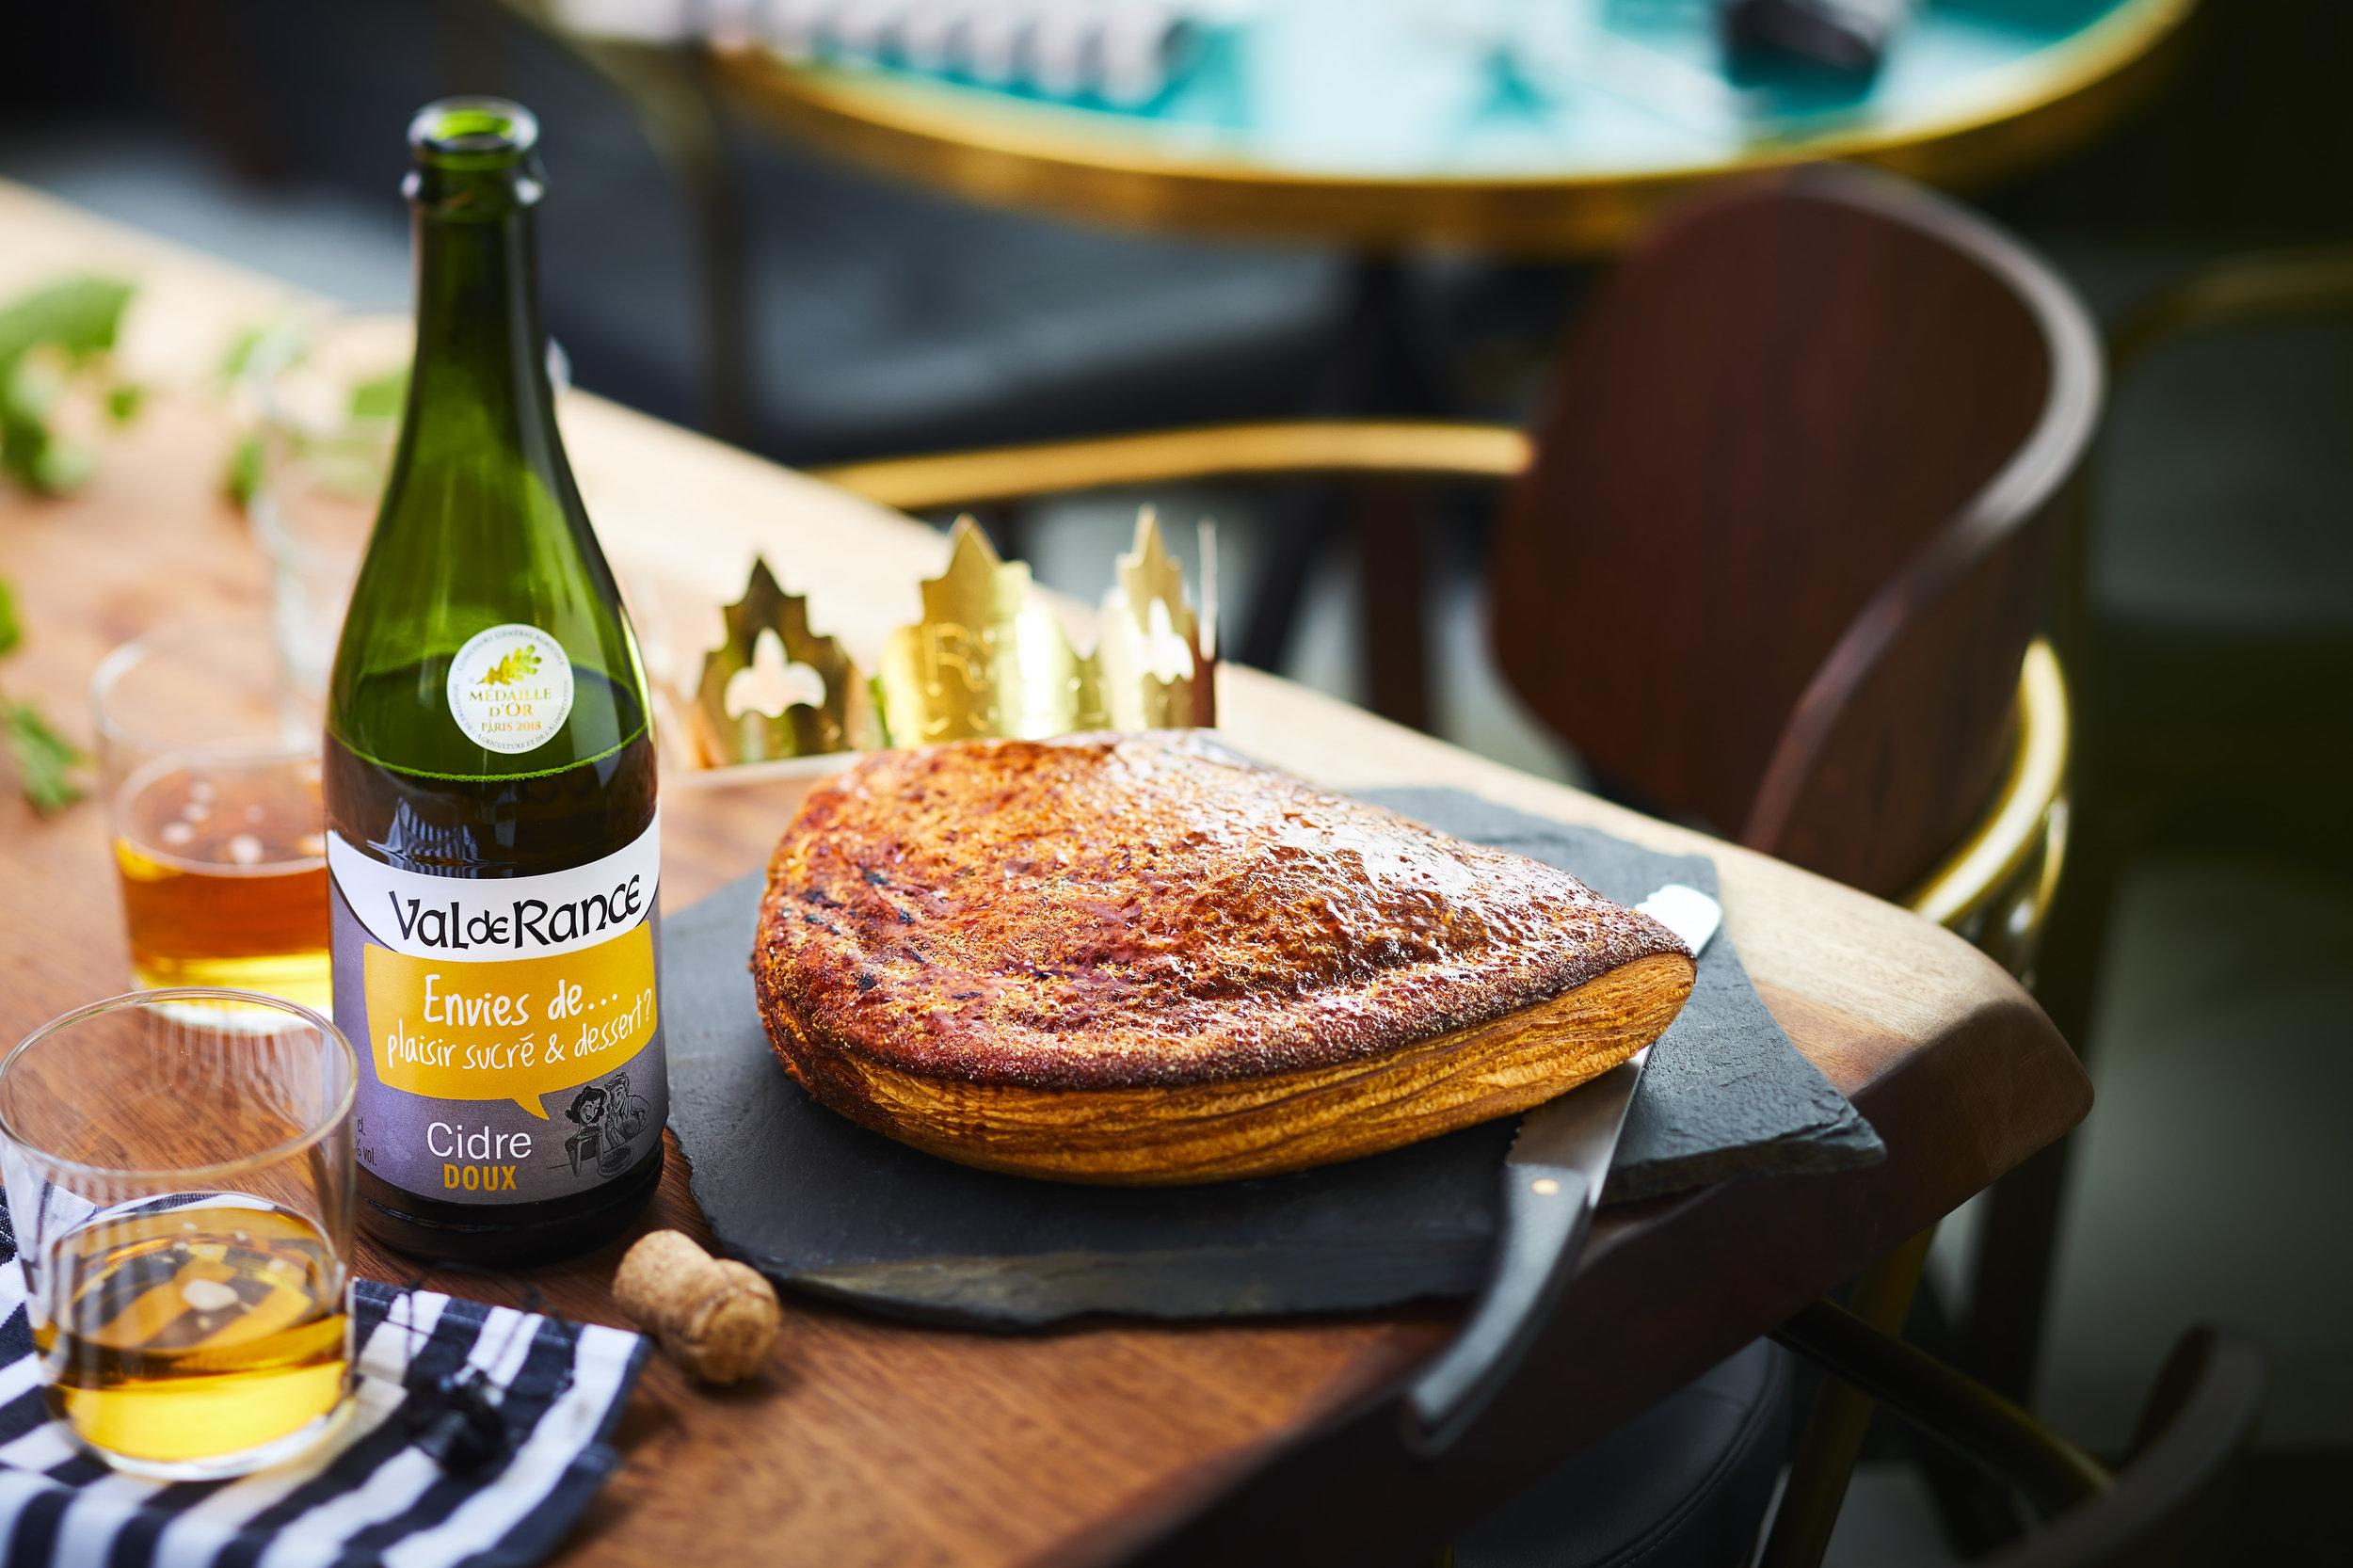 Bon-plan-recette-galette-des-rois-facon-chausson-aux-pommes-Boulom-Val-de-rance-elisa-les-bons-tuyaux.jpg